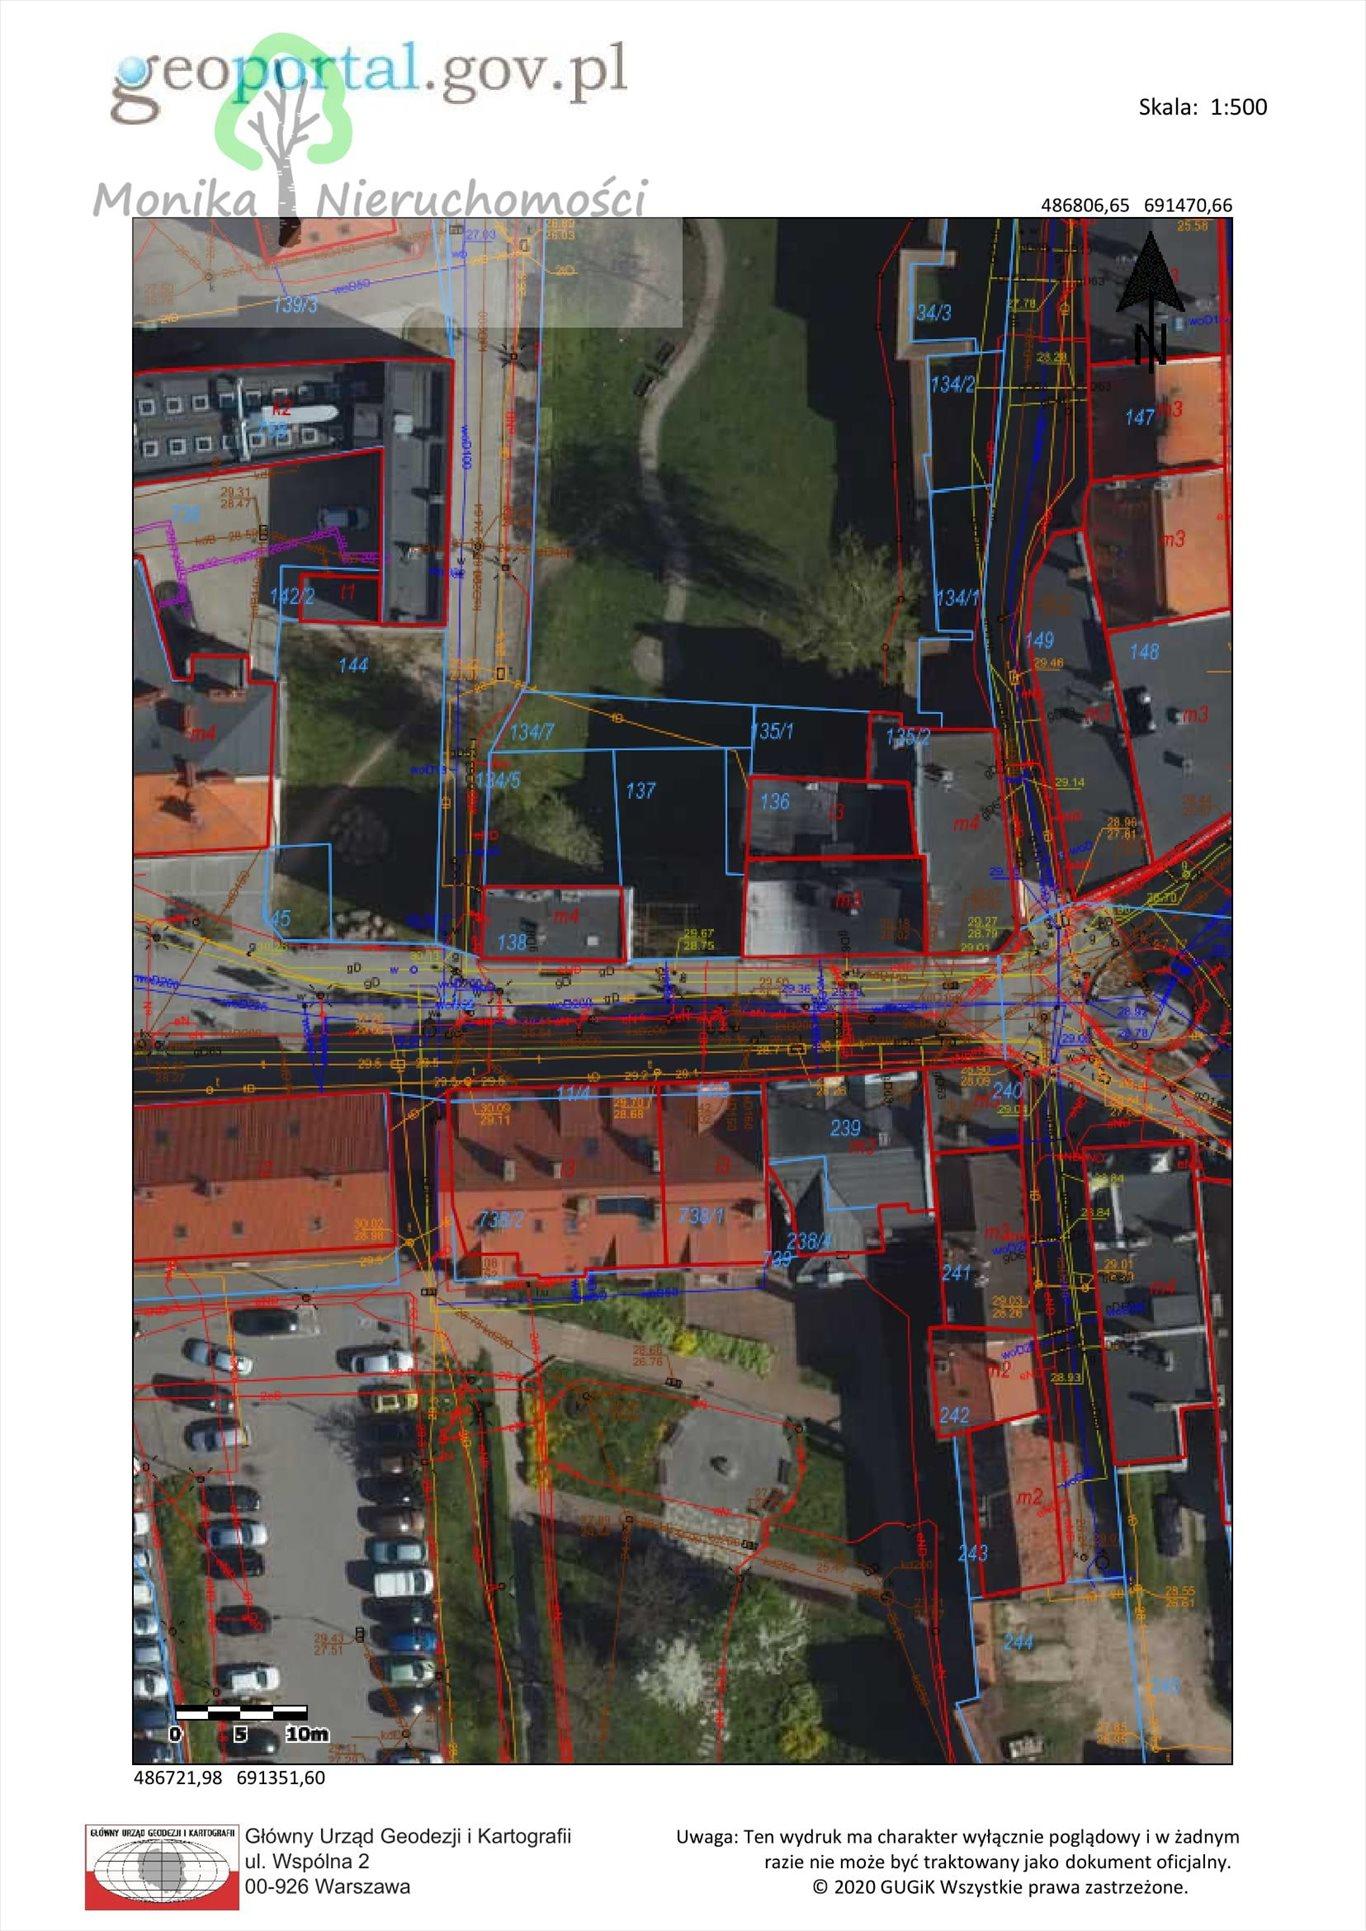 Działka inwestycyjna na sprzedaż Tczew, Dąbrowskiego  367m2 Foto 5